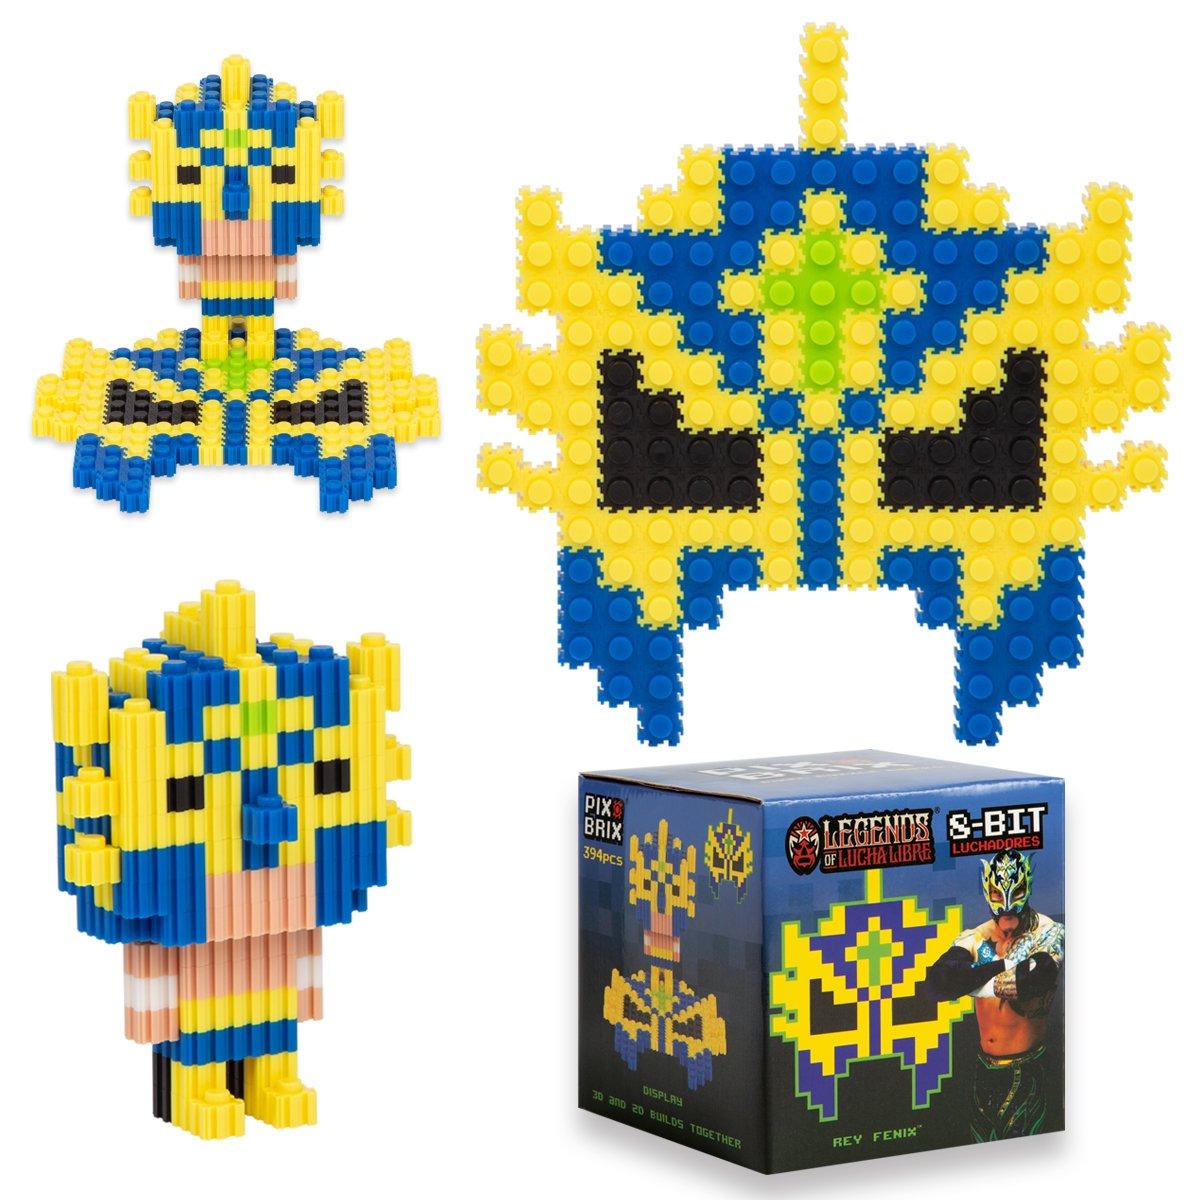 Image of Pix Brix - Rey Fenix 2D & 3D Puzzle Set (20% OFF BLACK FRIDAY SPECIAL)